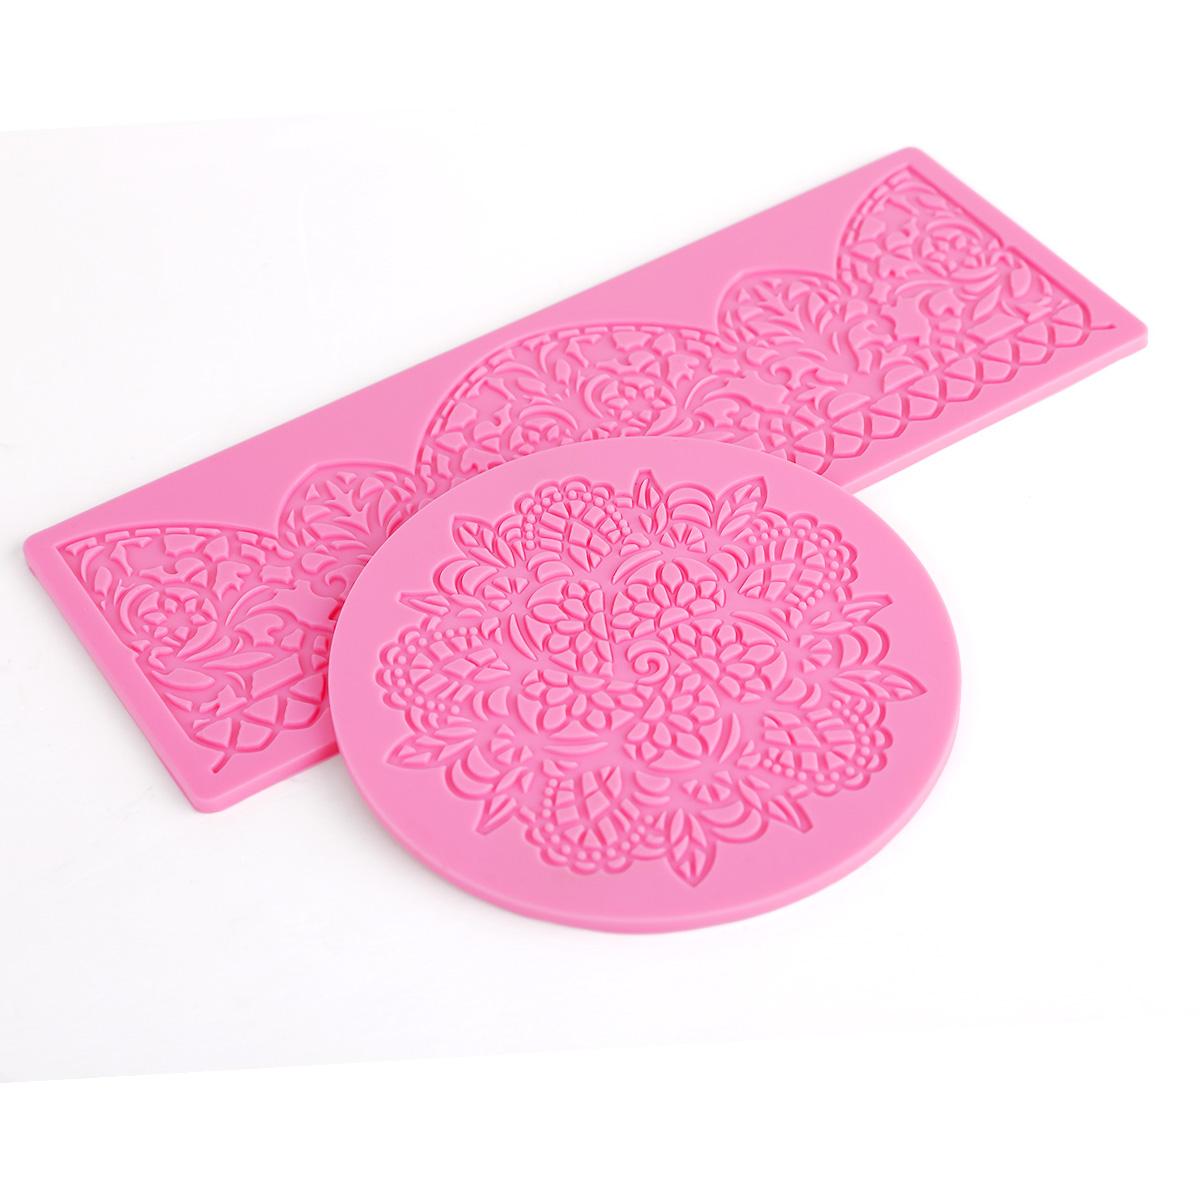 Cake Decorating Lace Molds Uk : Silicone Mold Mould Icing Cake Decorating Cupcake Floral ...